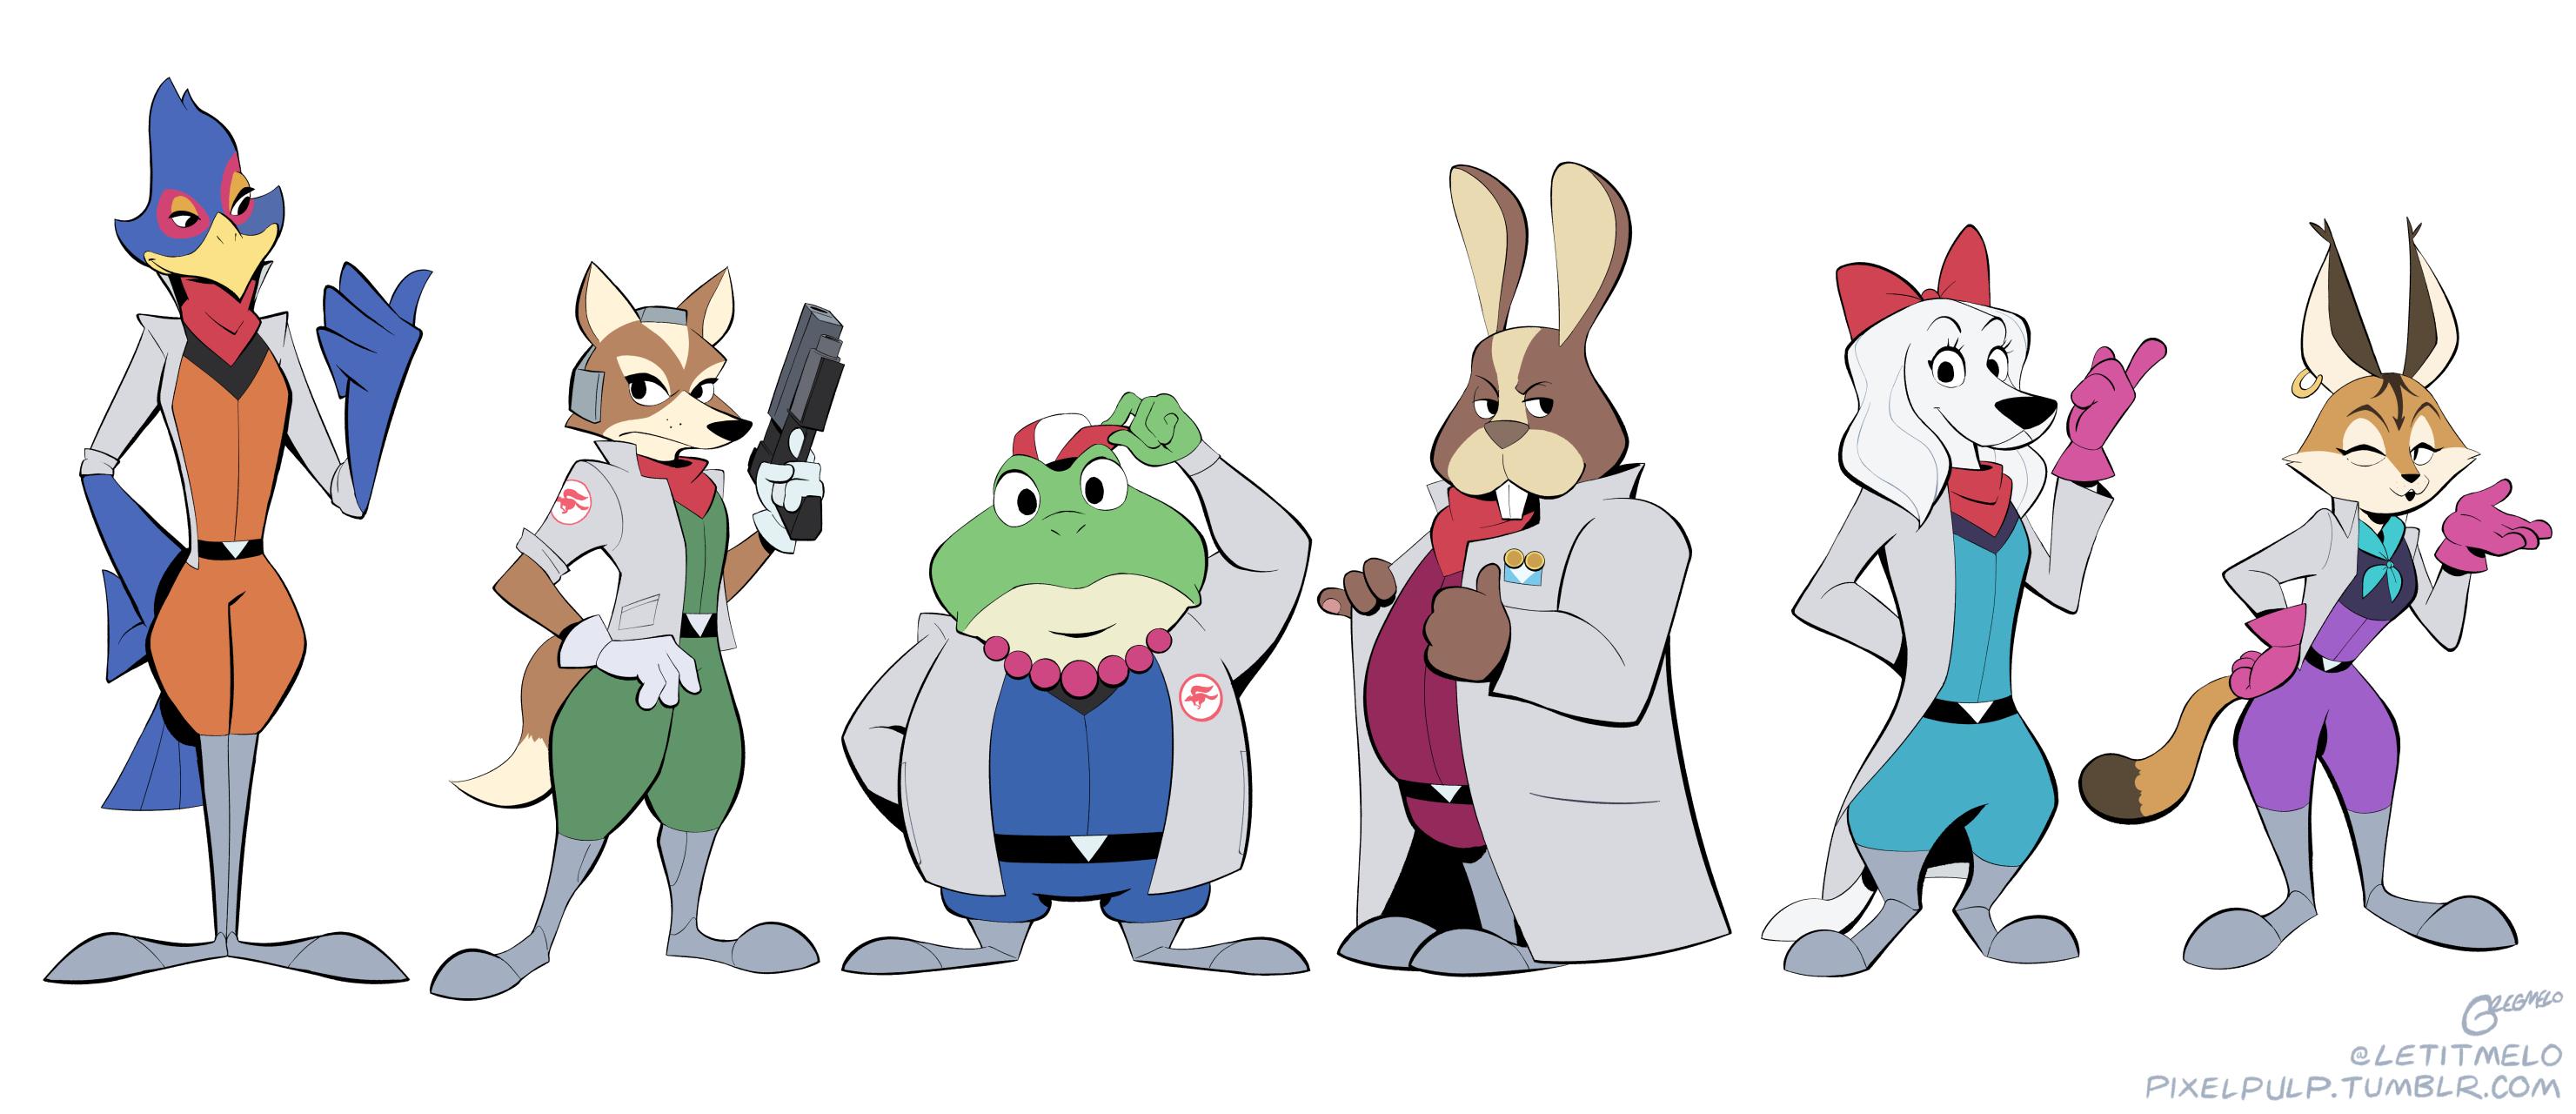 Team Star Fox Lineup